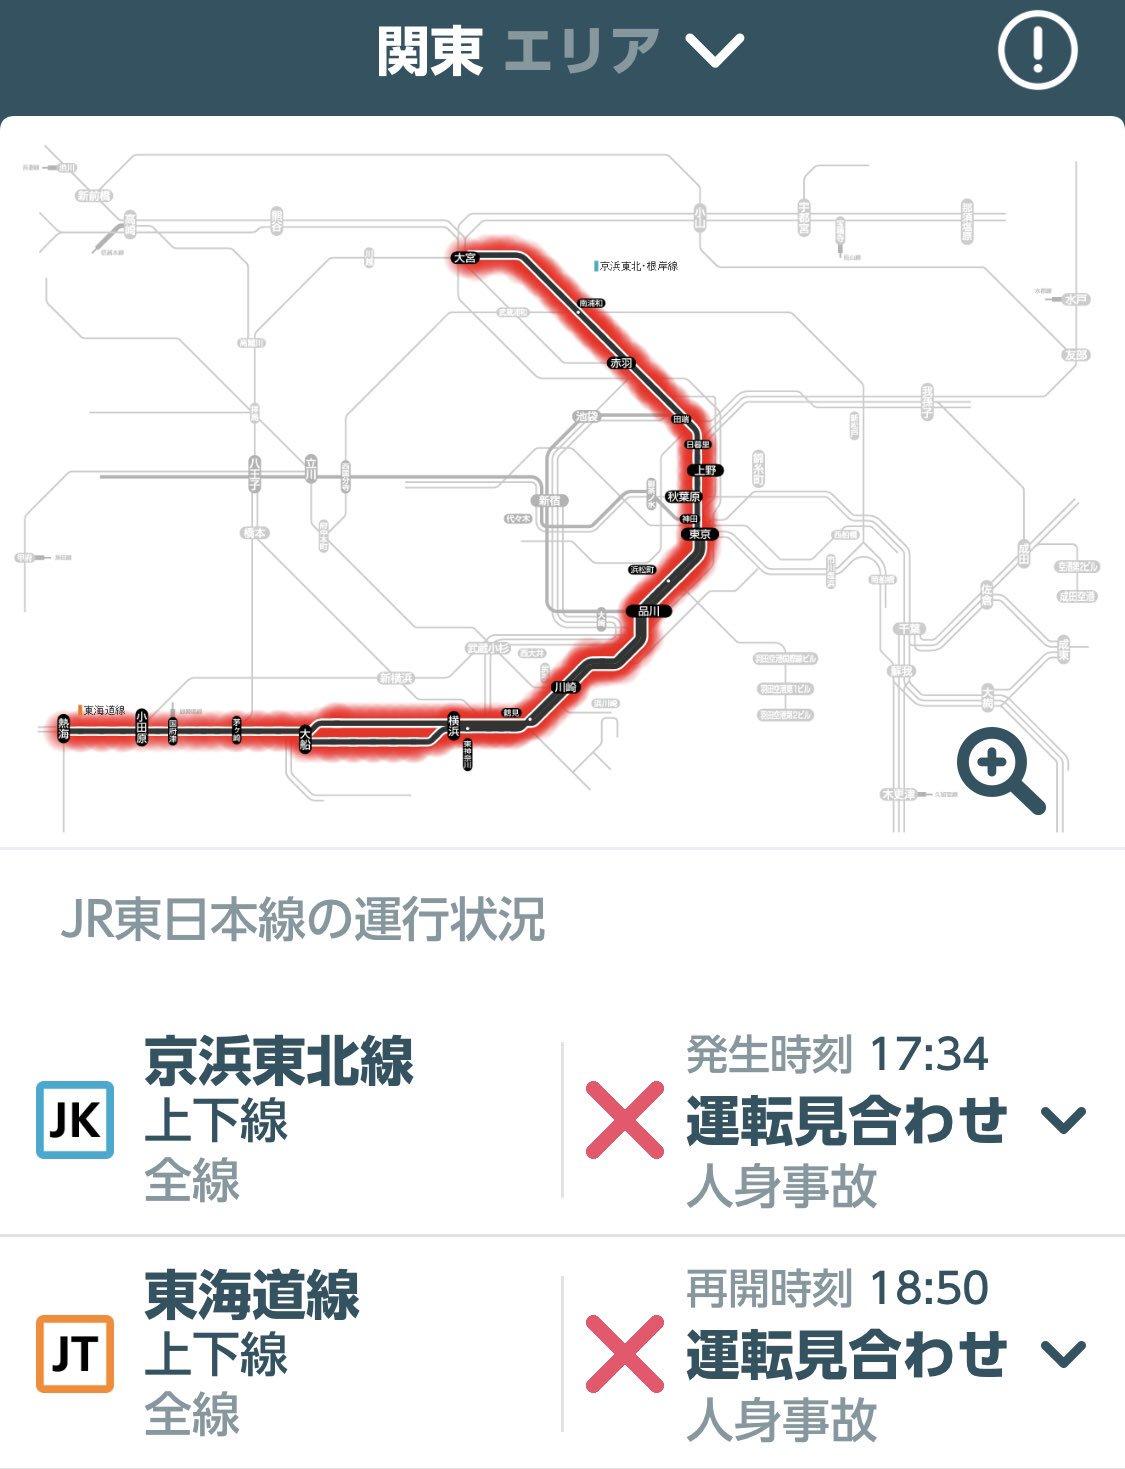 画像,京浜東北線 東海道線 運転見合わせ https://t.co/GvWzFVcZyV。